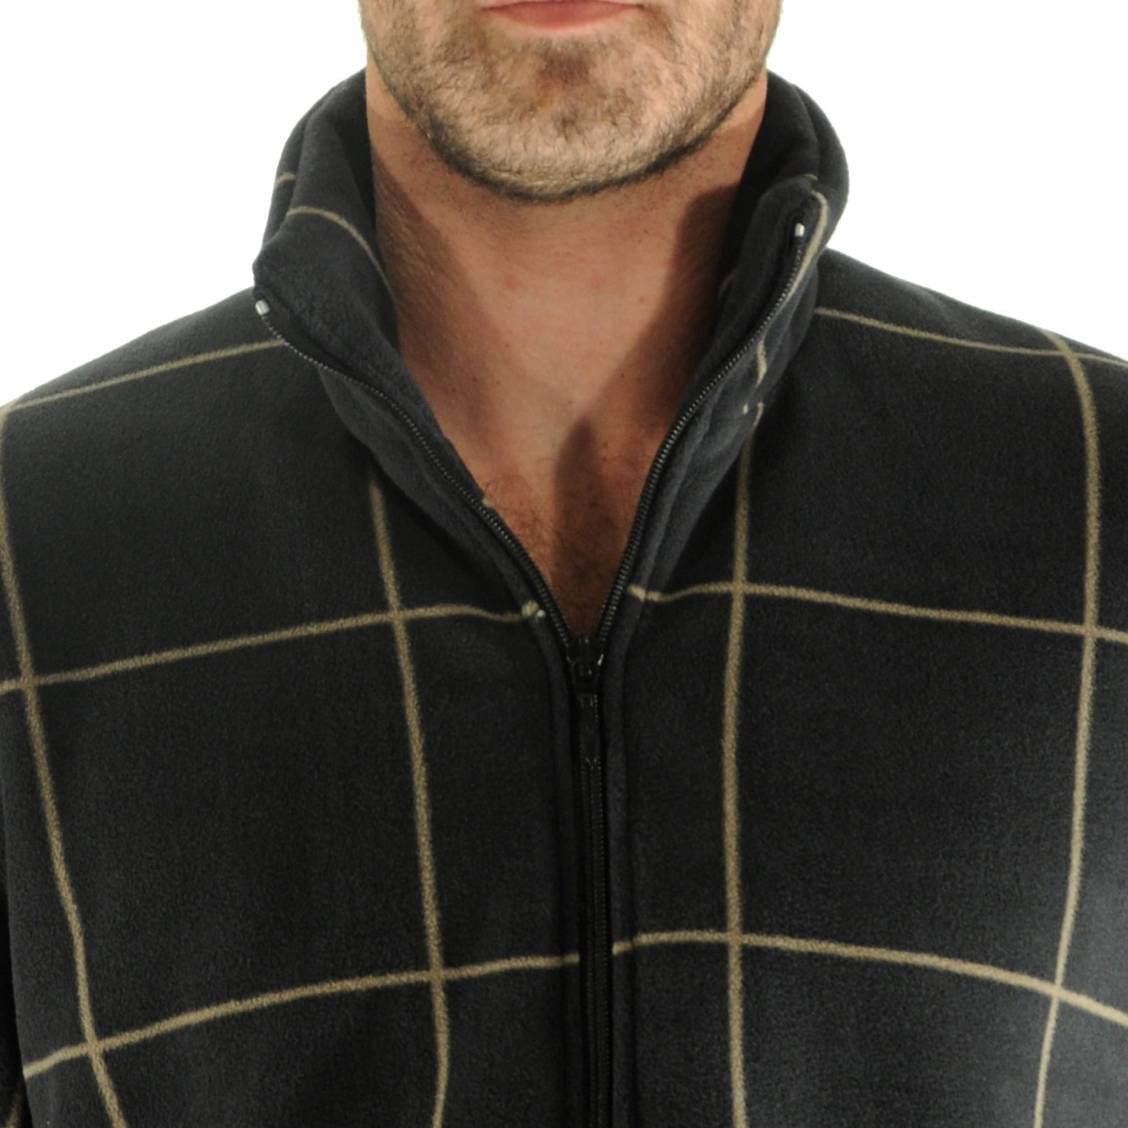 Veste d 39 int rieur zipp e gr goire christian cane noire for Veste noir interieur ecossais